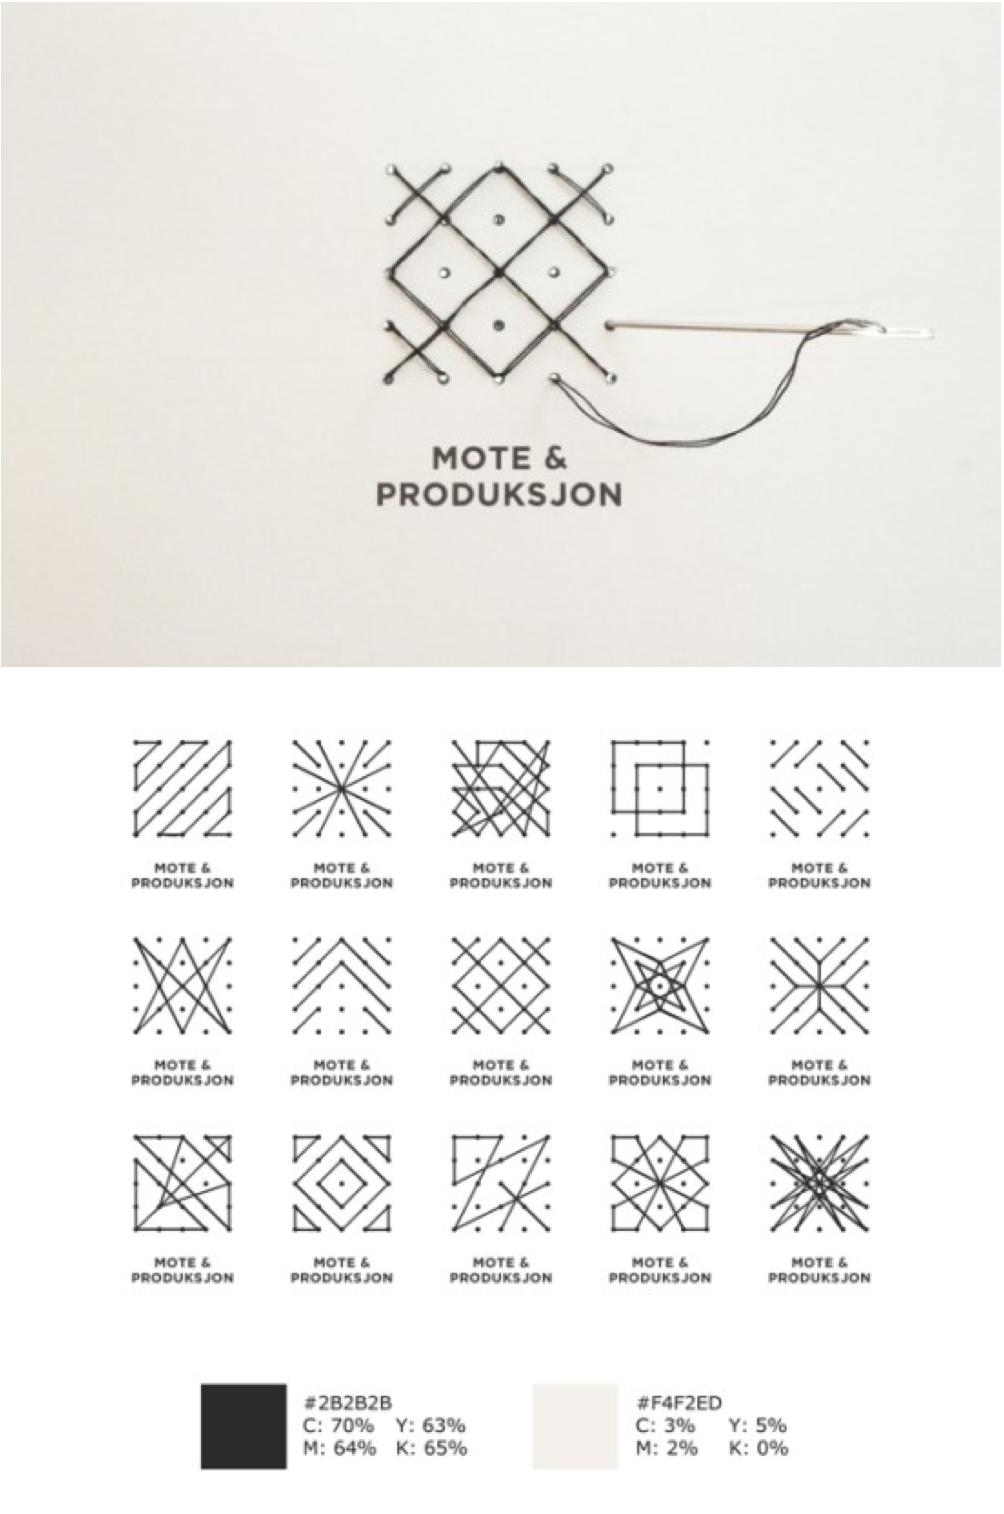 HIOA 의류 브랜드 로고 디자인  25개 구멍에 바느질하는 모양에 따라 변하는 로고 디자인. 패턴의 택이 일부분이 되고 랜덤으로 의류에 부착되어 재미를 줌.